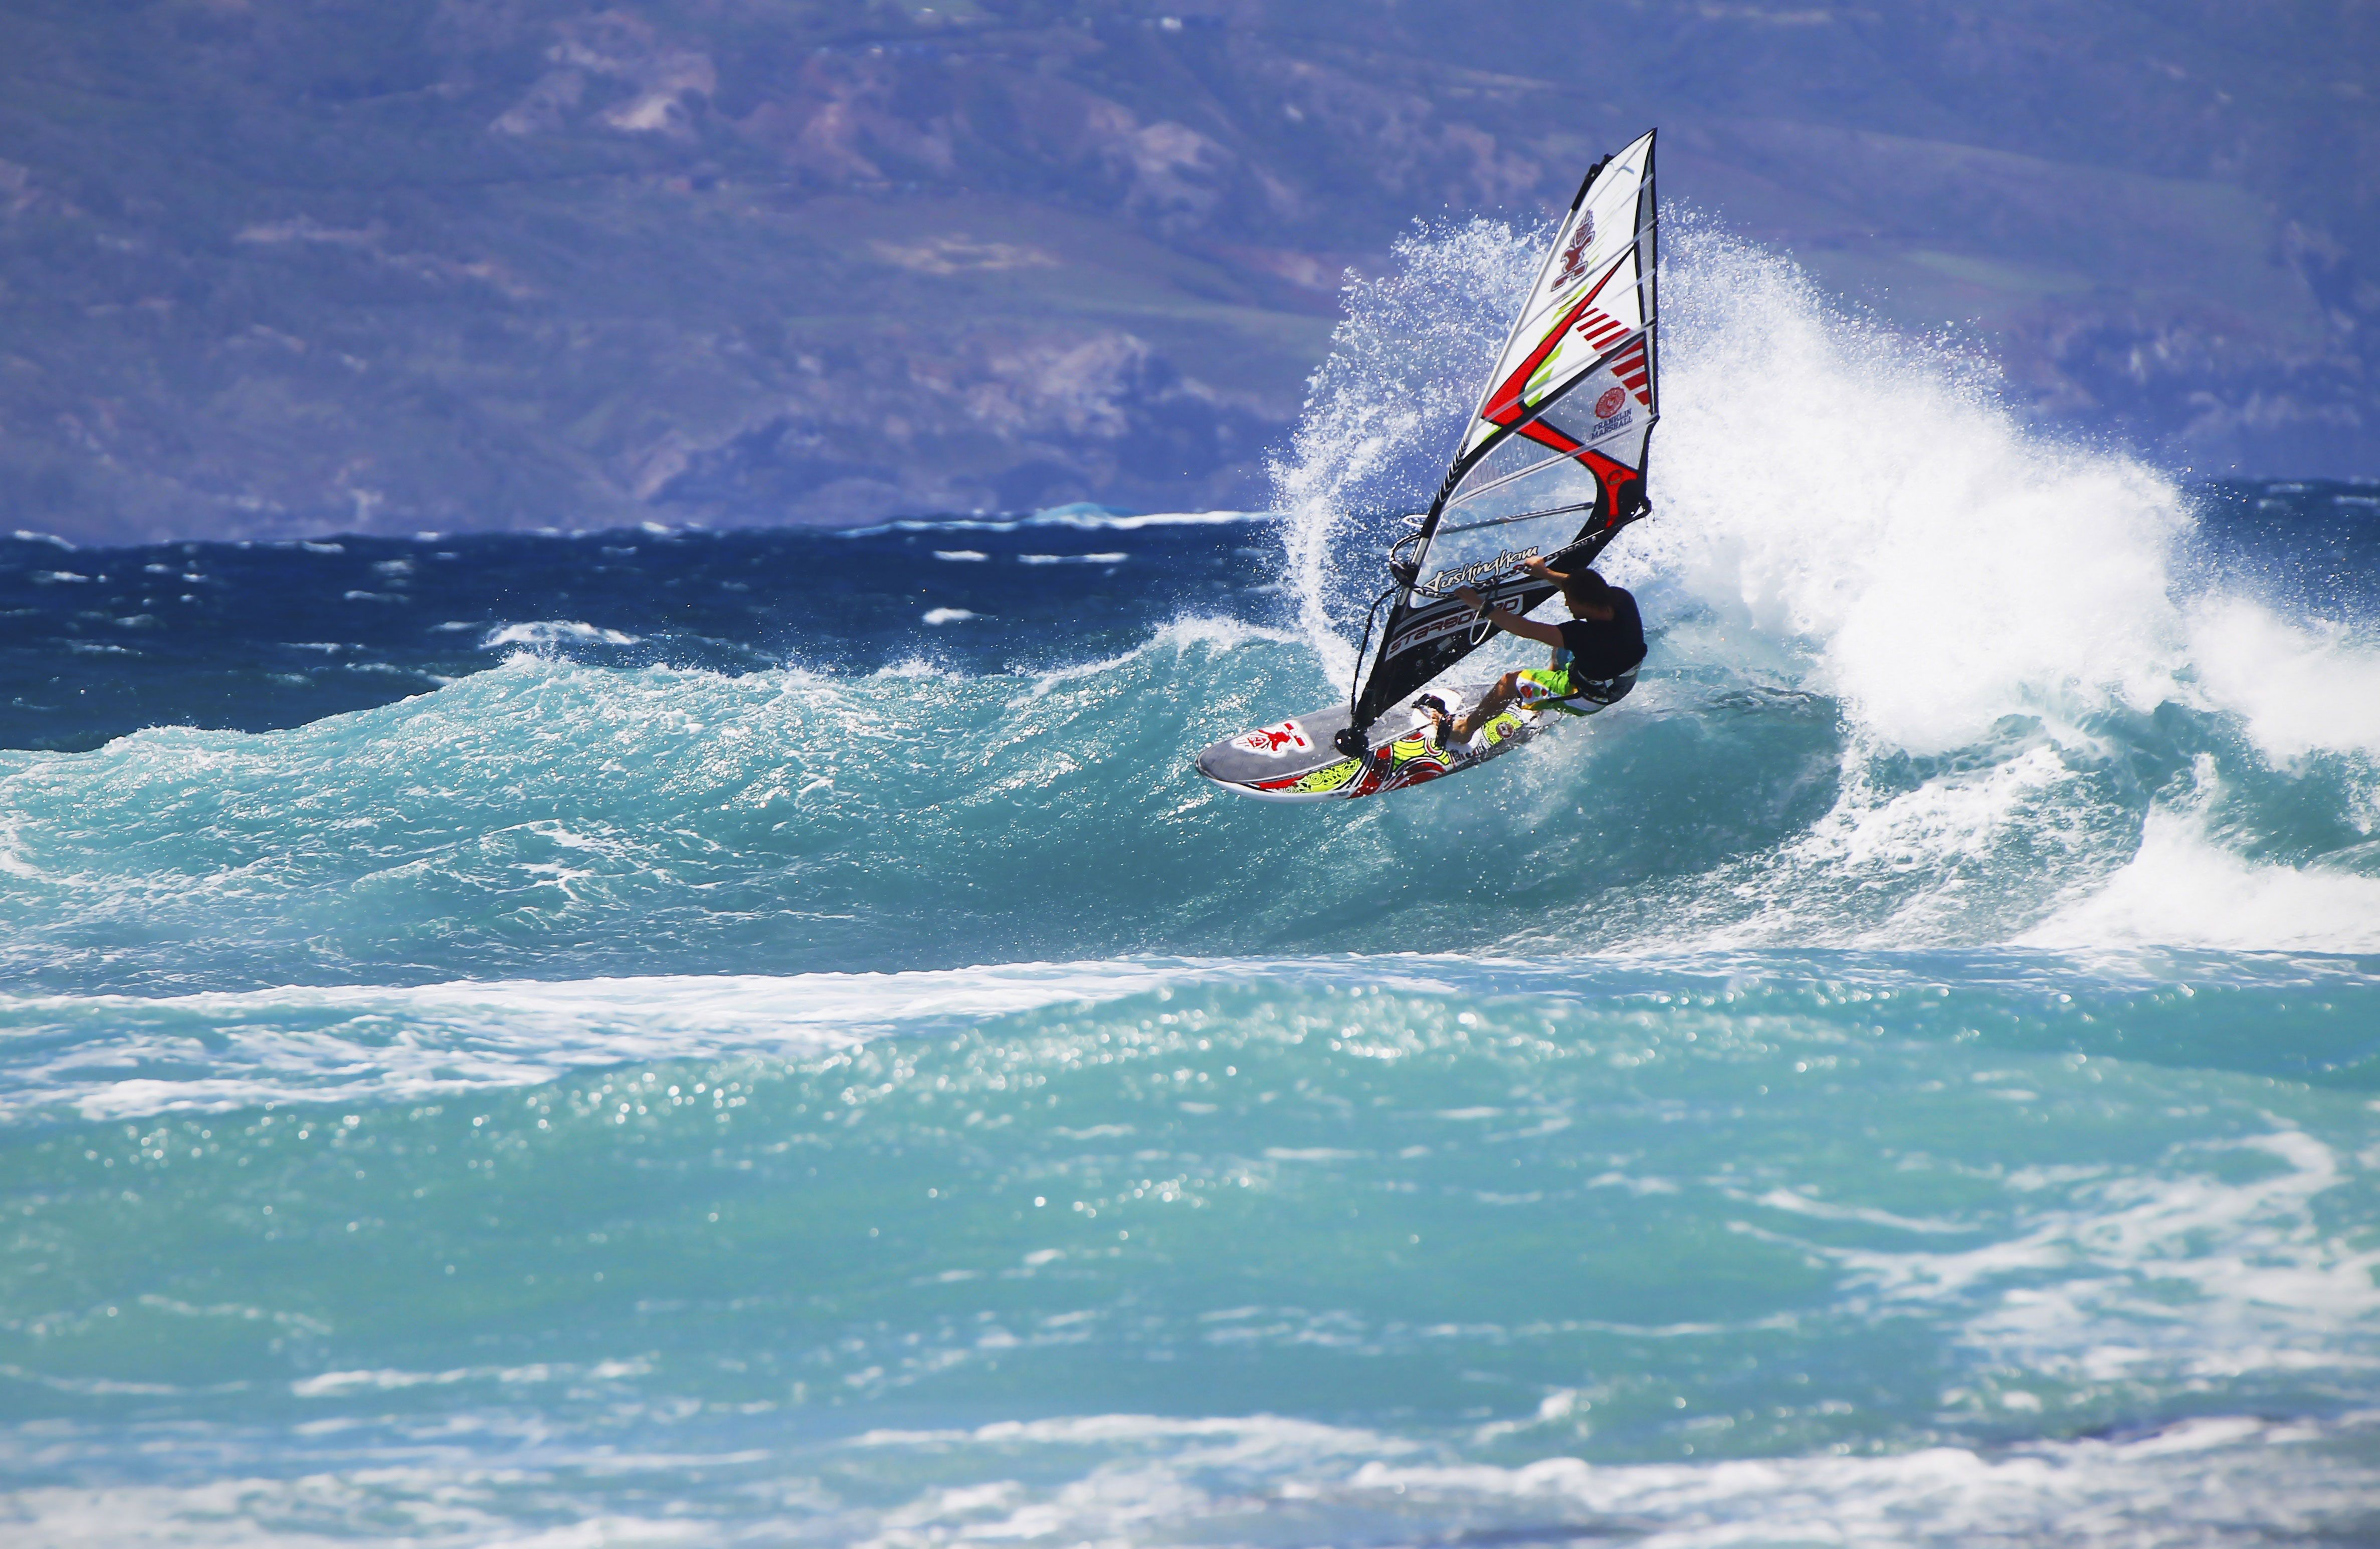 серфингист парус  № 3098847 бесплатно